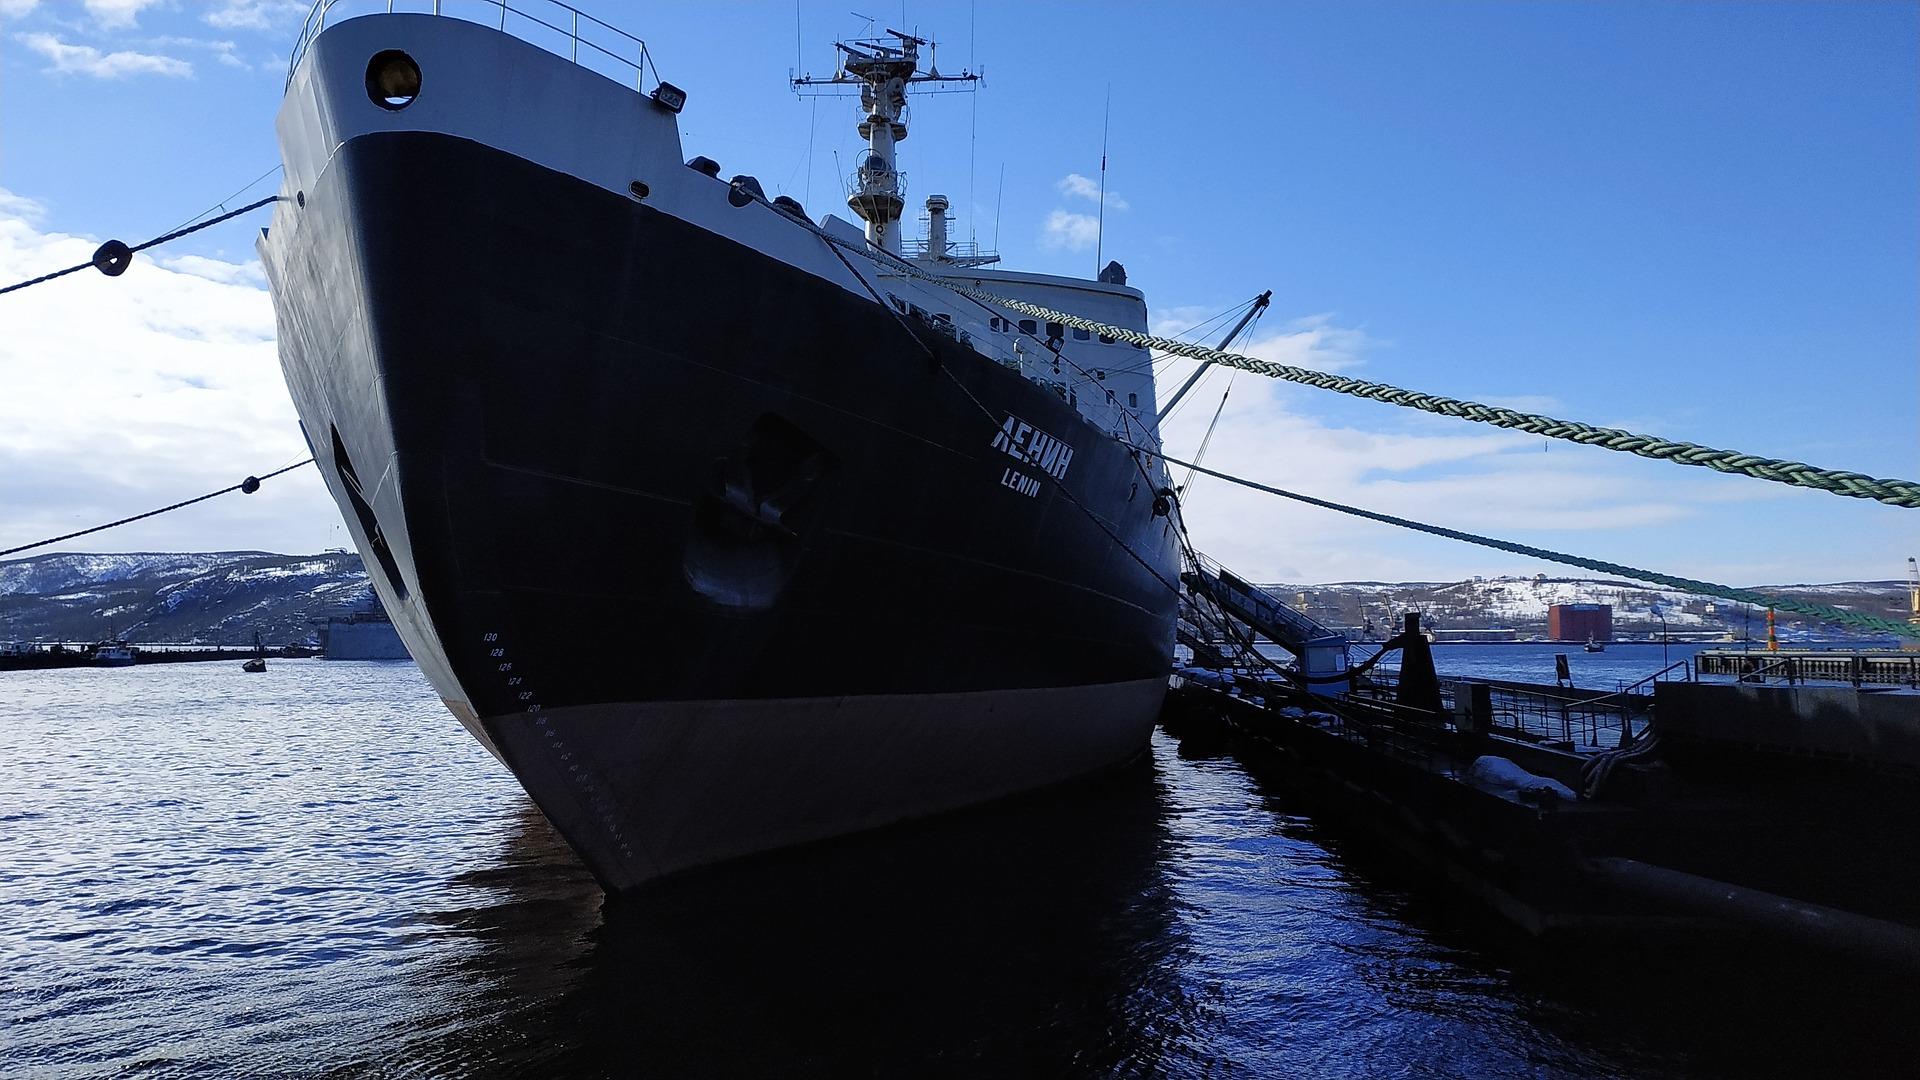 icebreaker-4137012_1920.jpg